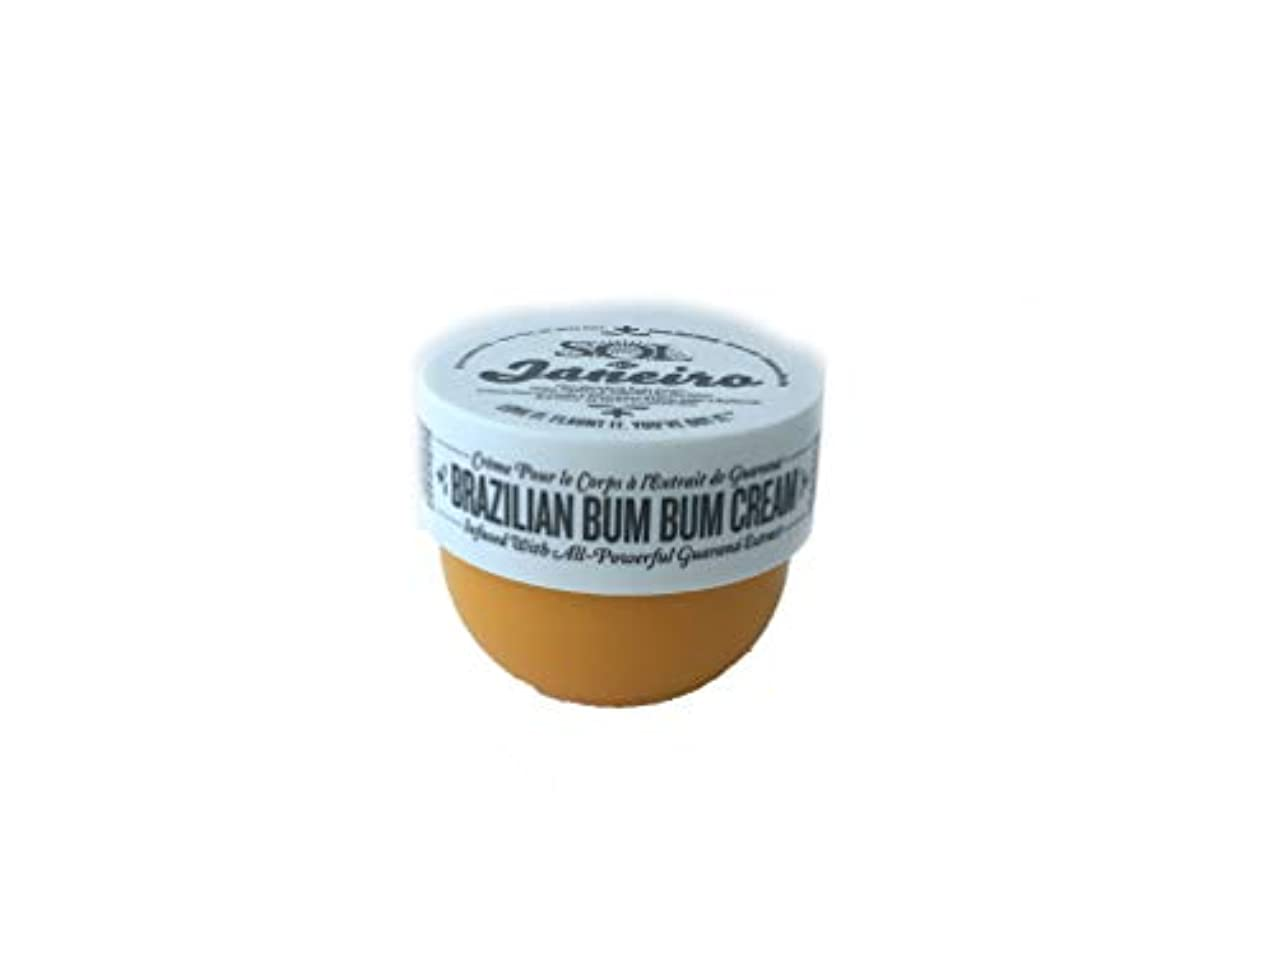 アルファベットダイヤモンド再開Brazilian BUM BUM Cream 25ml トライアルサイズ【並行輸入品】